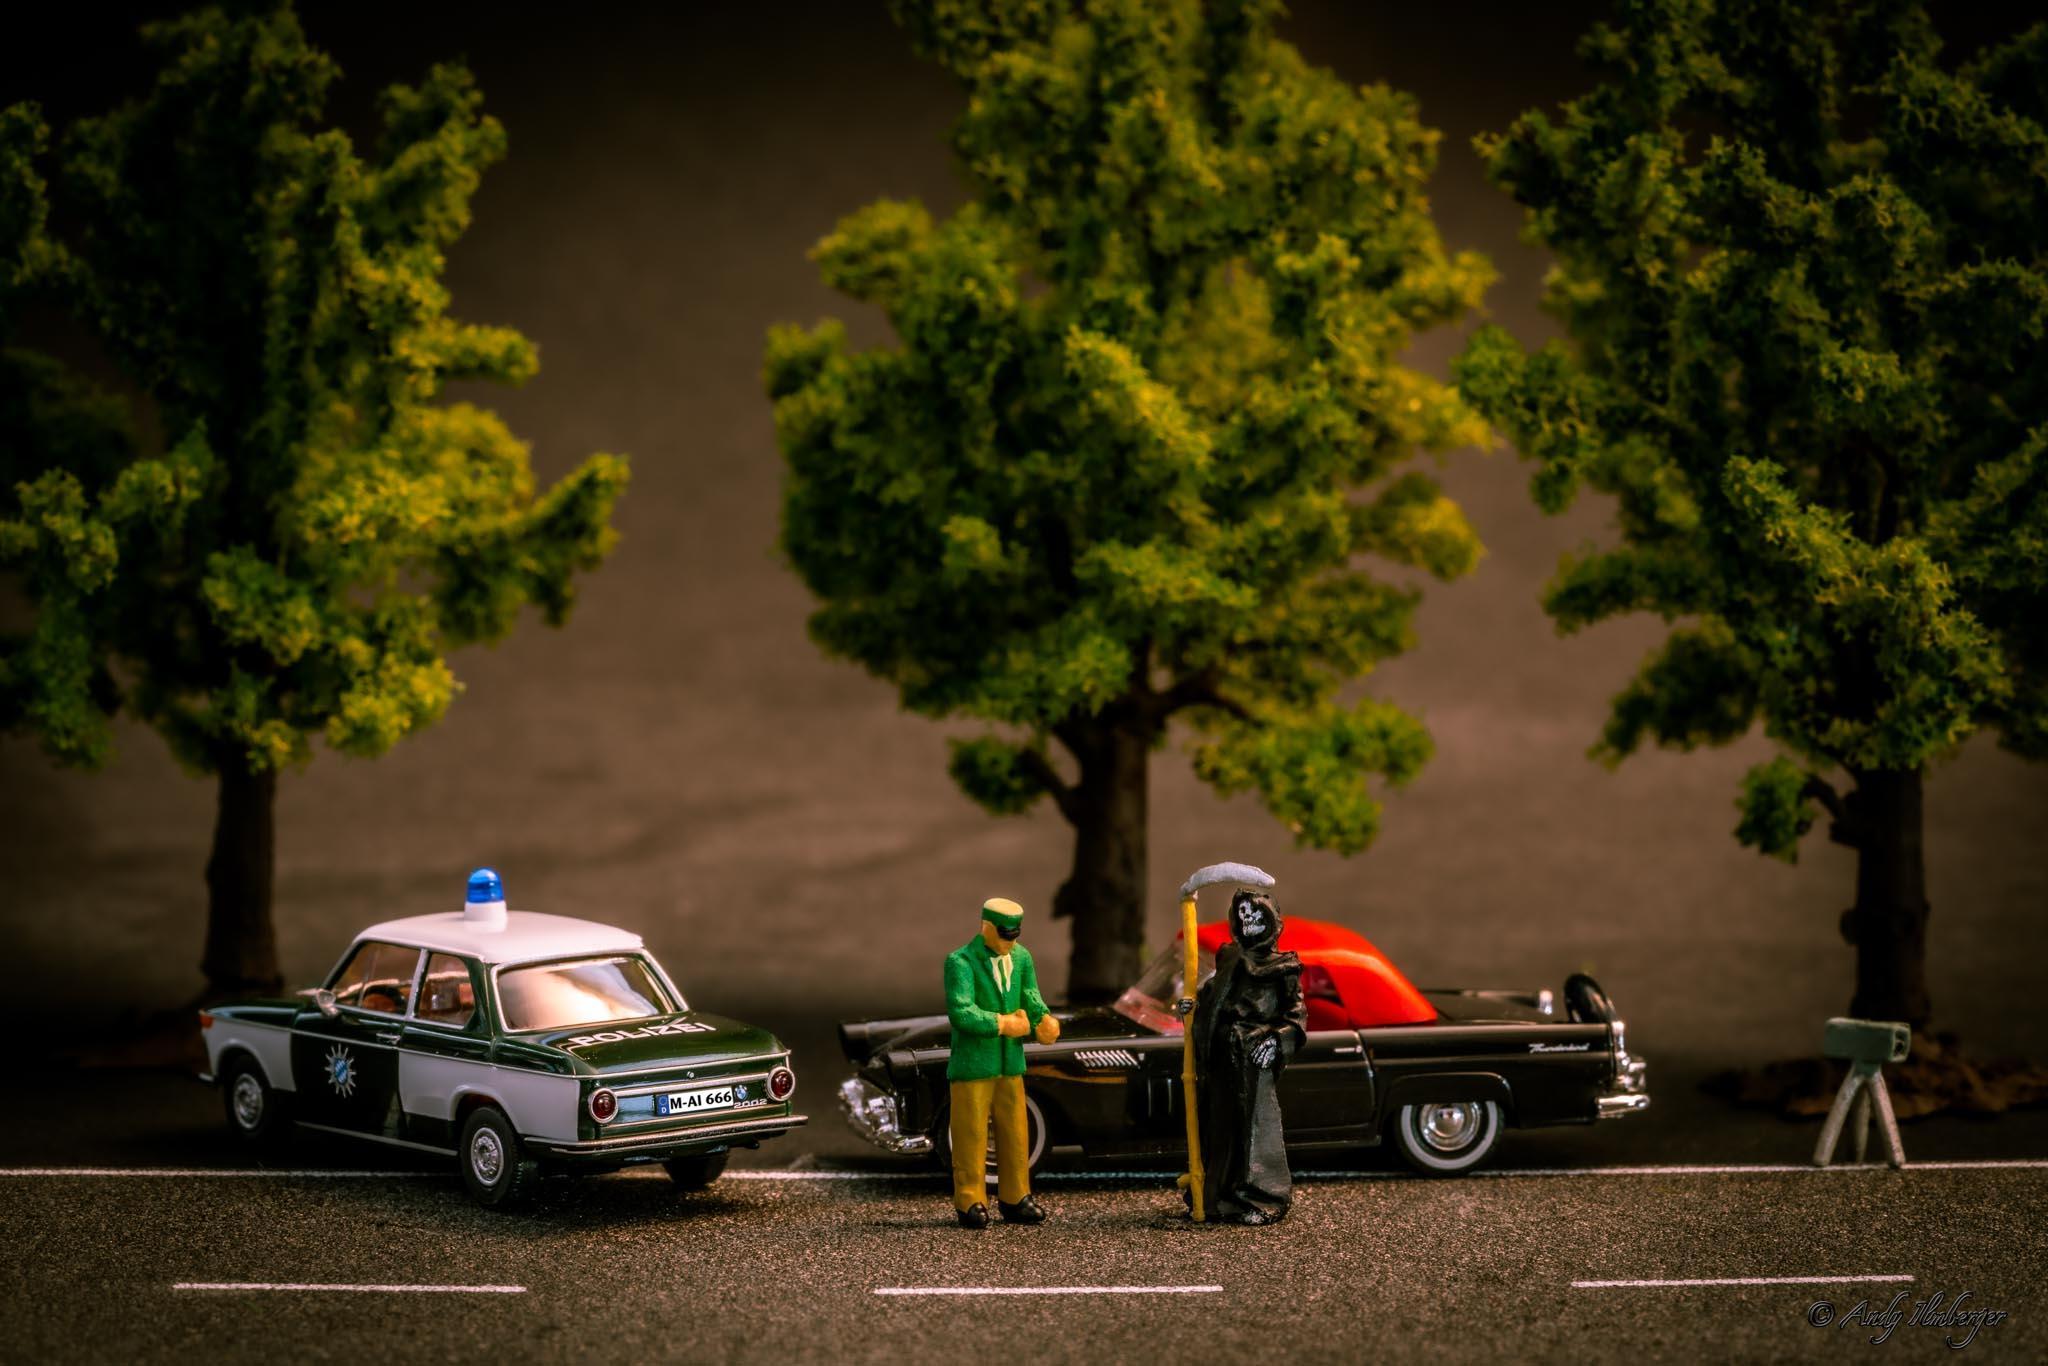 H0-Helden - Aus dem Verkehr gezogen - H0-Figuren in Szene gesetzt von © Andy Ilmberger im Kleine-Helden.Club